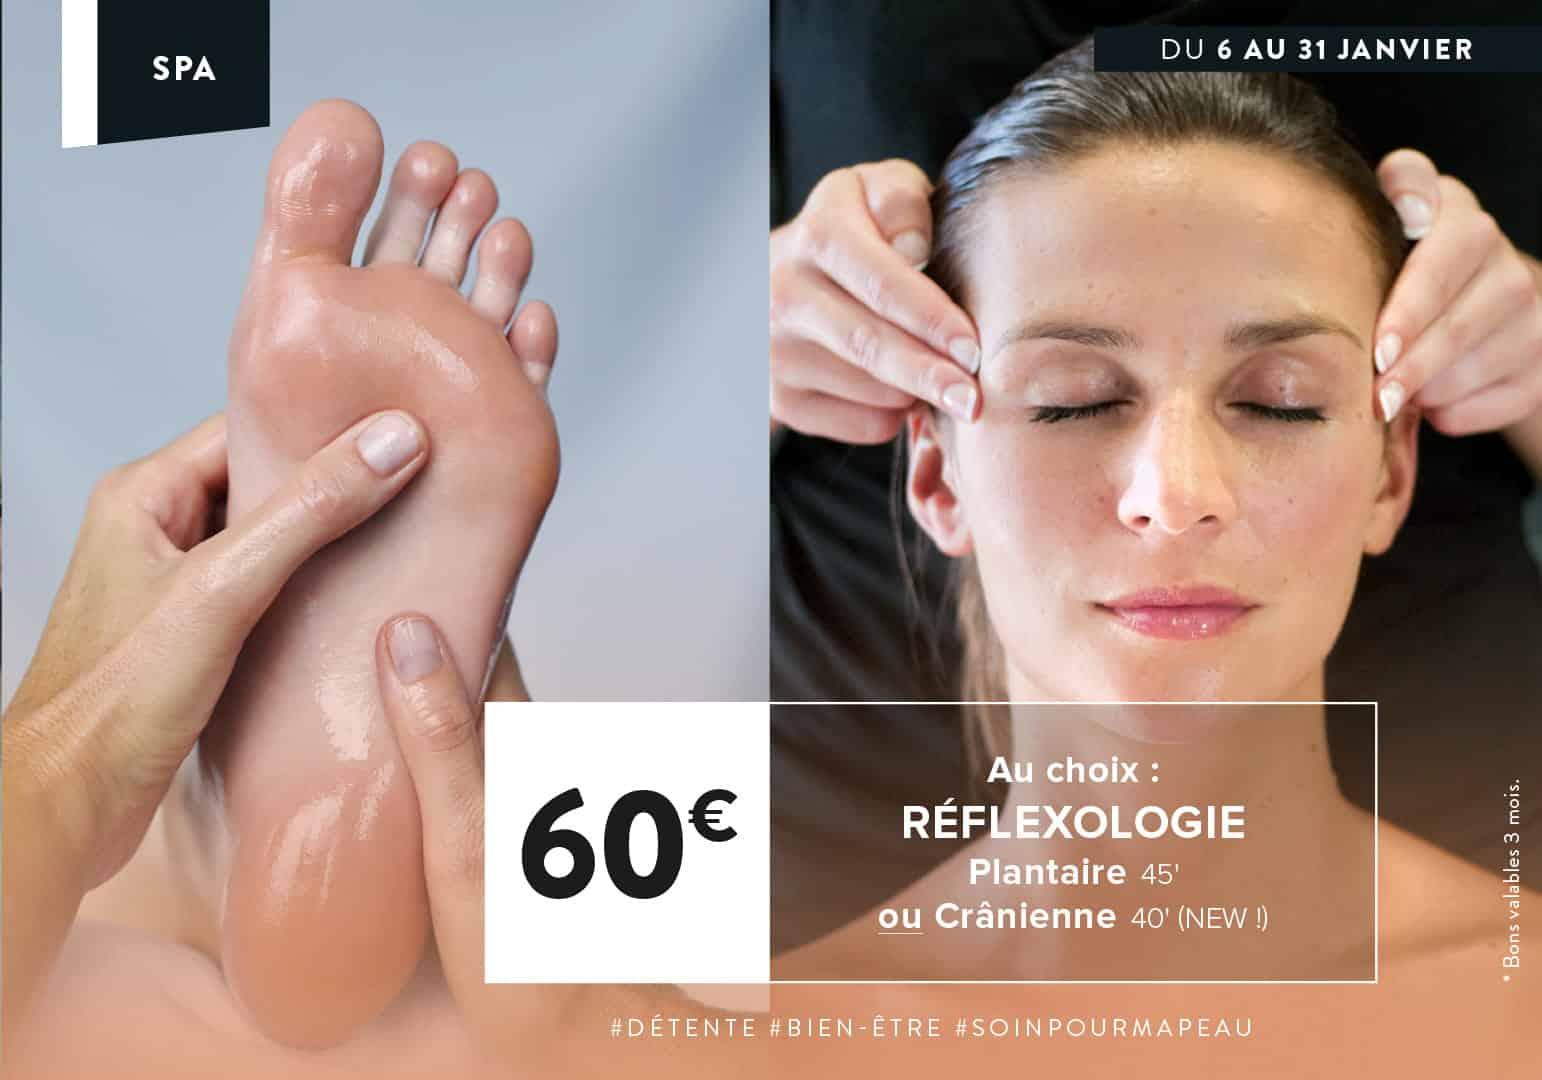 Reflexologie Plantaire ou cranienne à Rennes